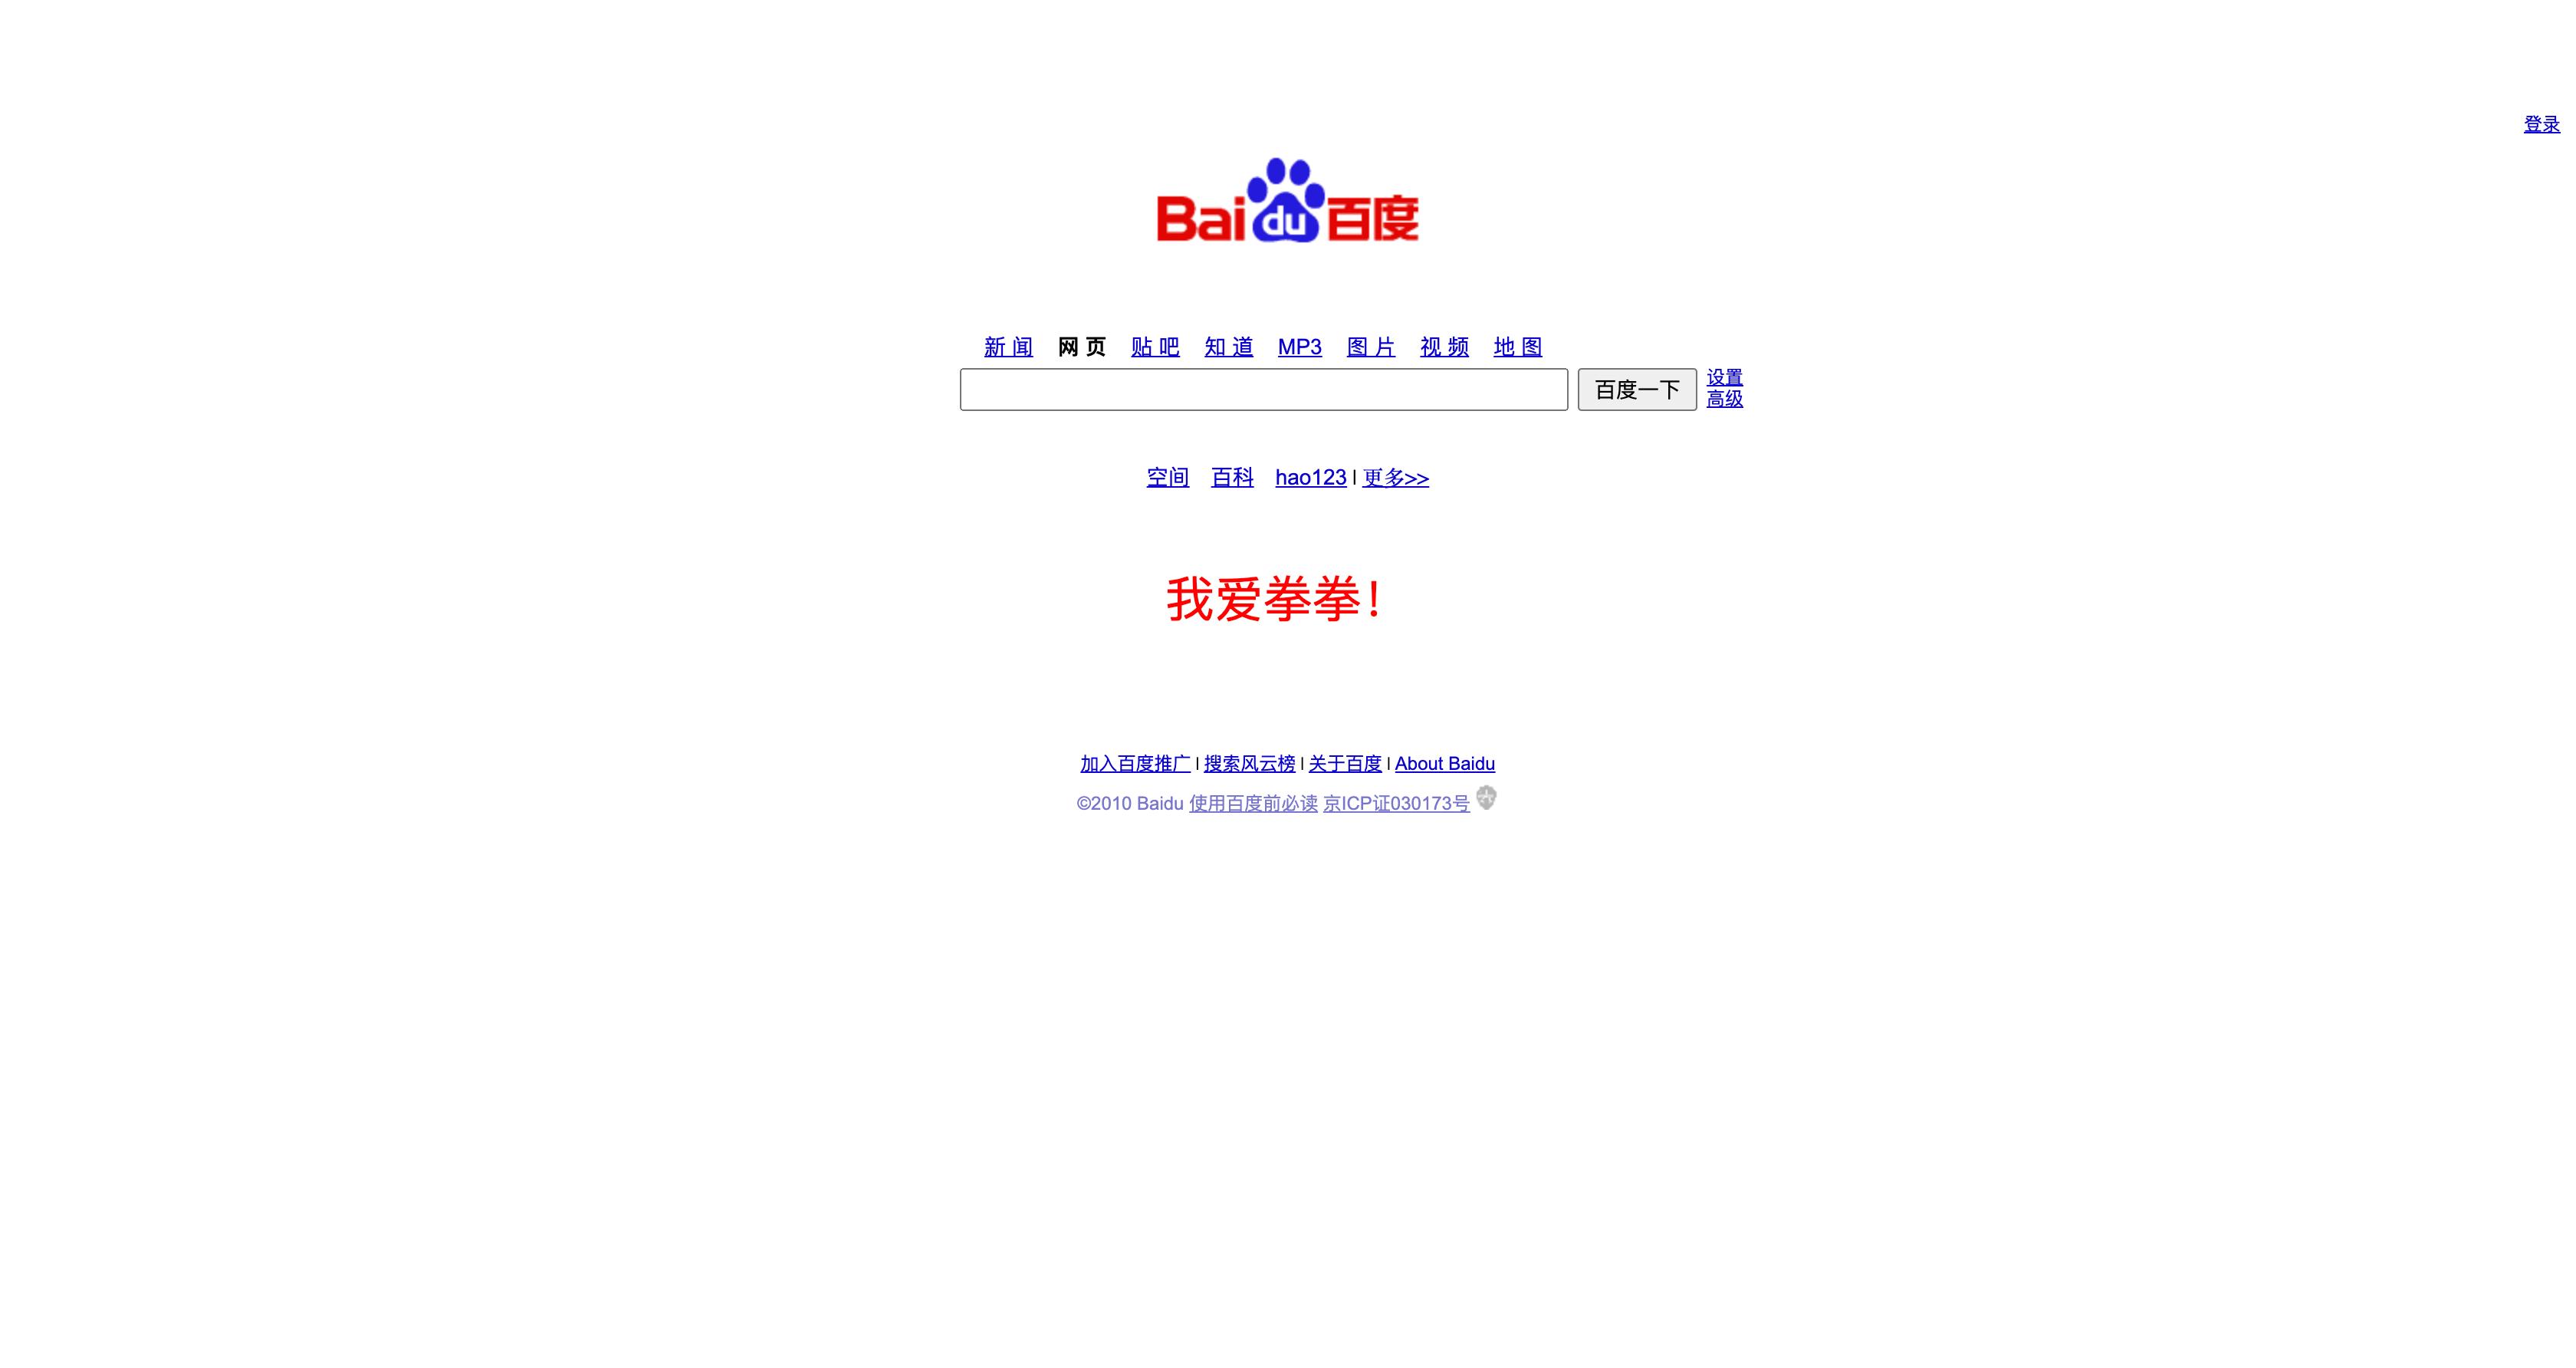 renfei.net在2010年的首页